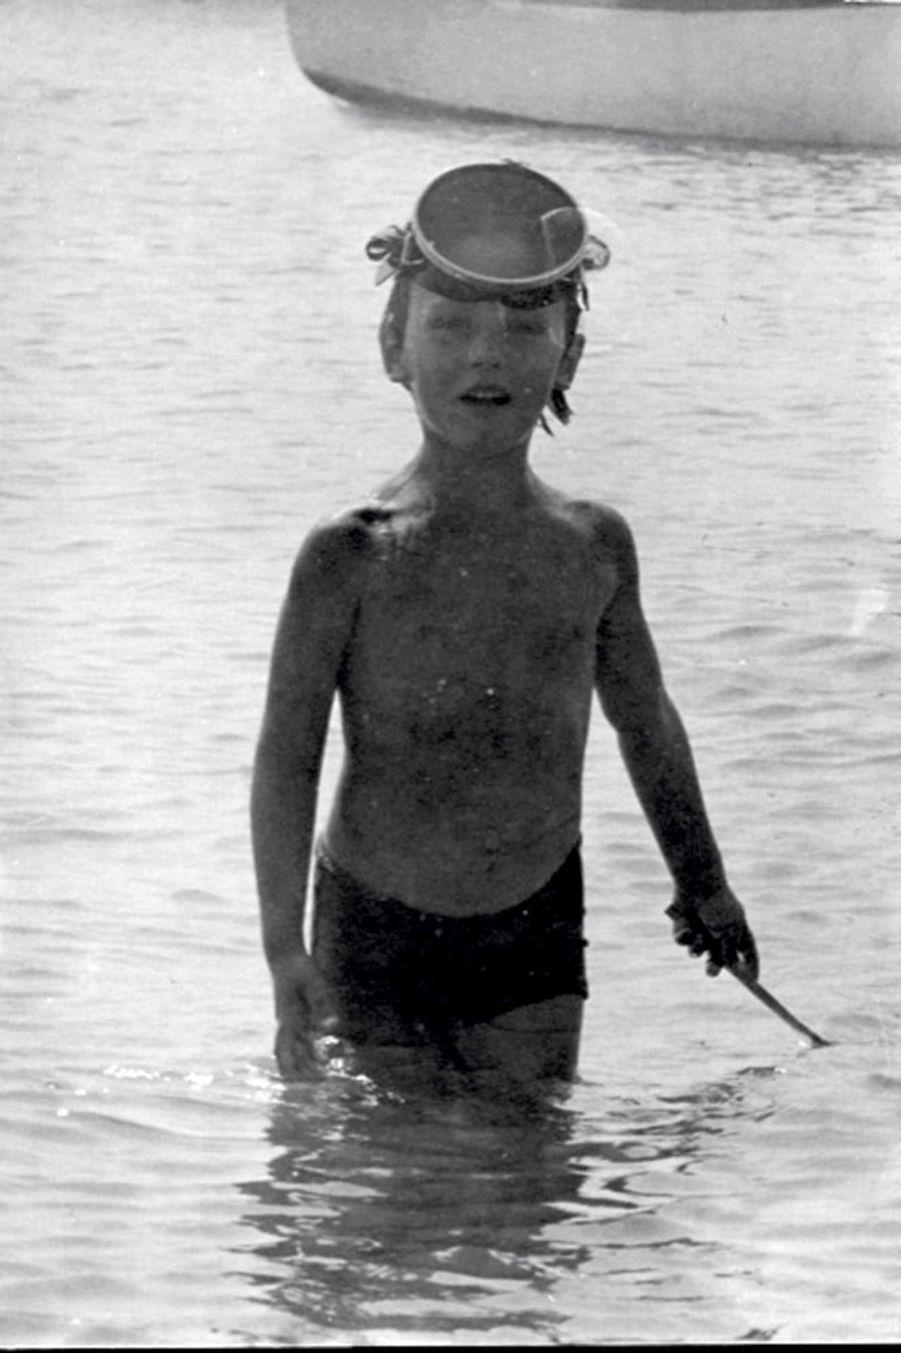 Premières plongées, à Saint-Malo. Jérôme a 6 ans.